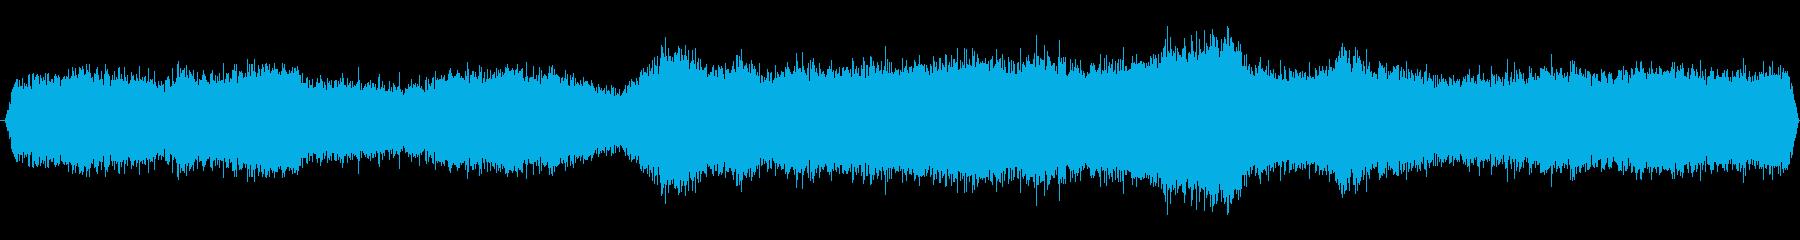 激しい波音(白米千枚田付近)の再生済みの波形